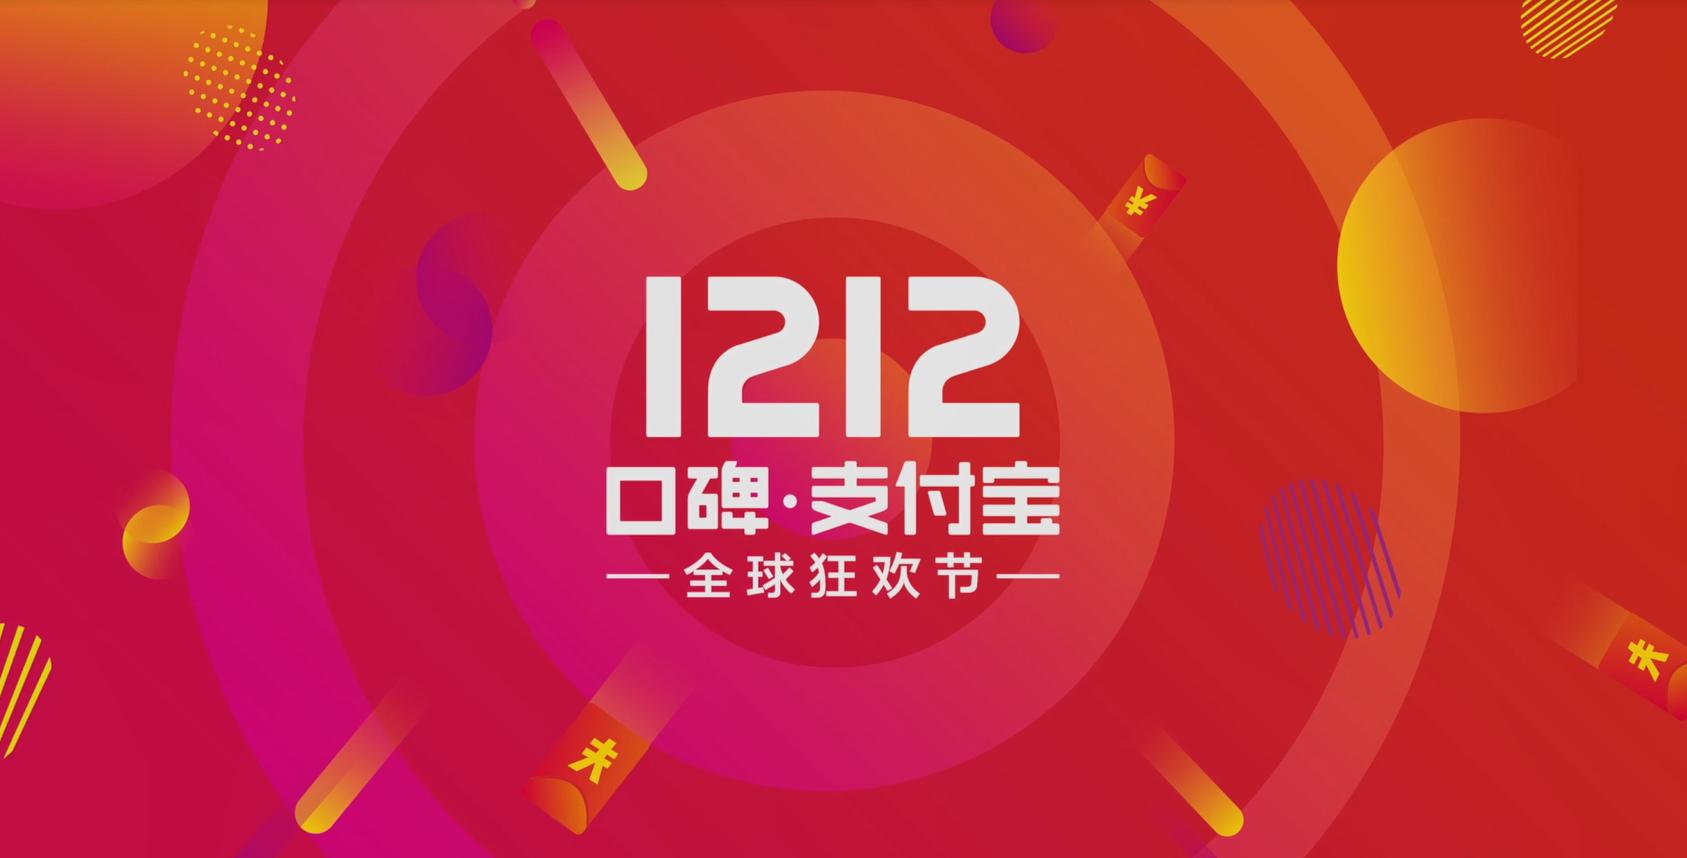 从北京移向海外的双12